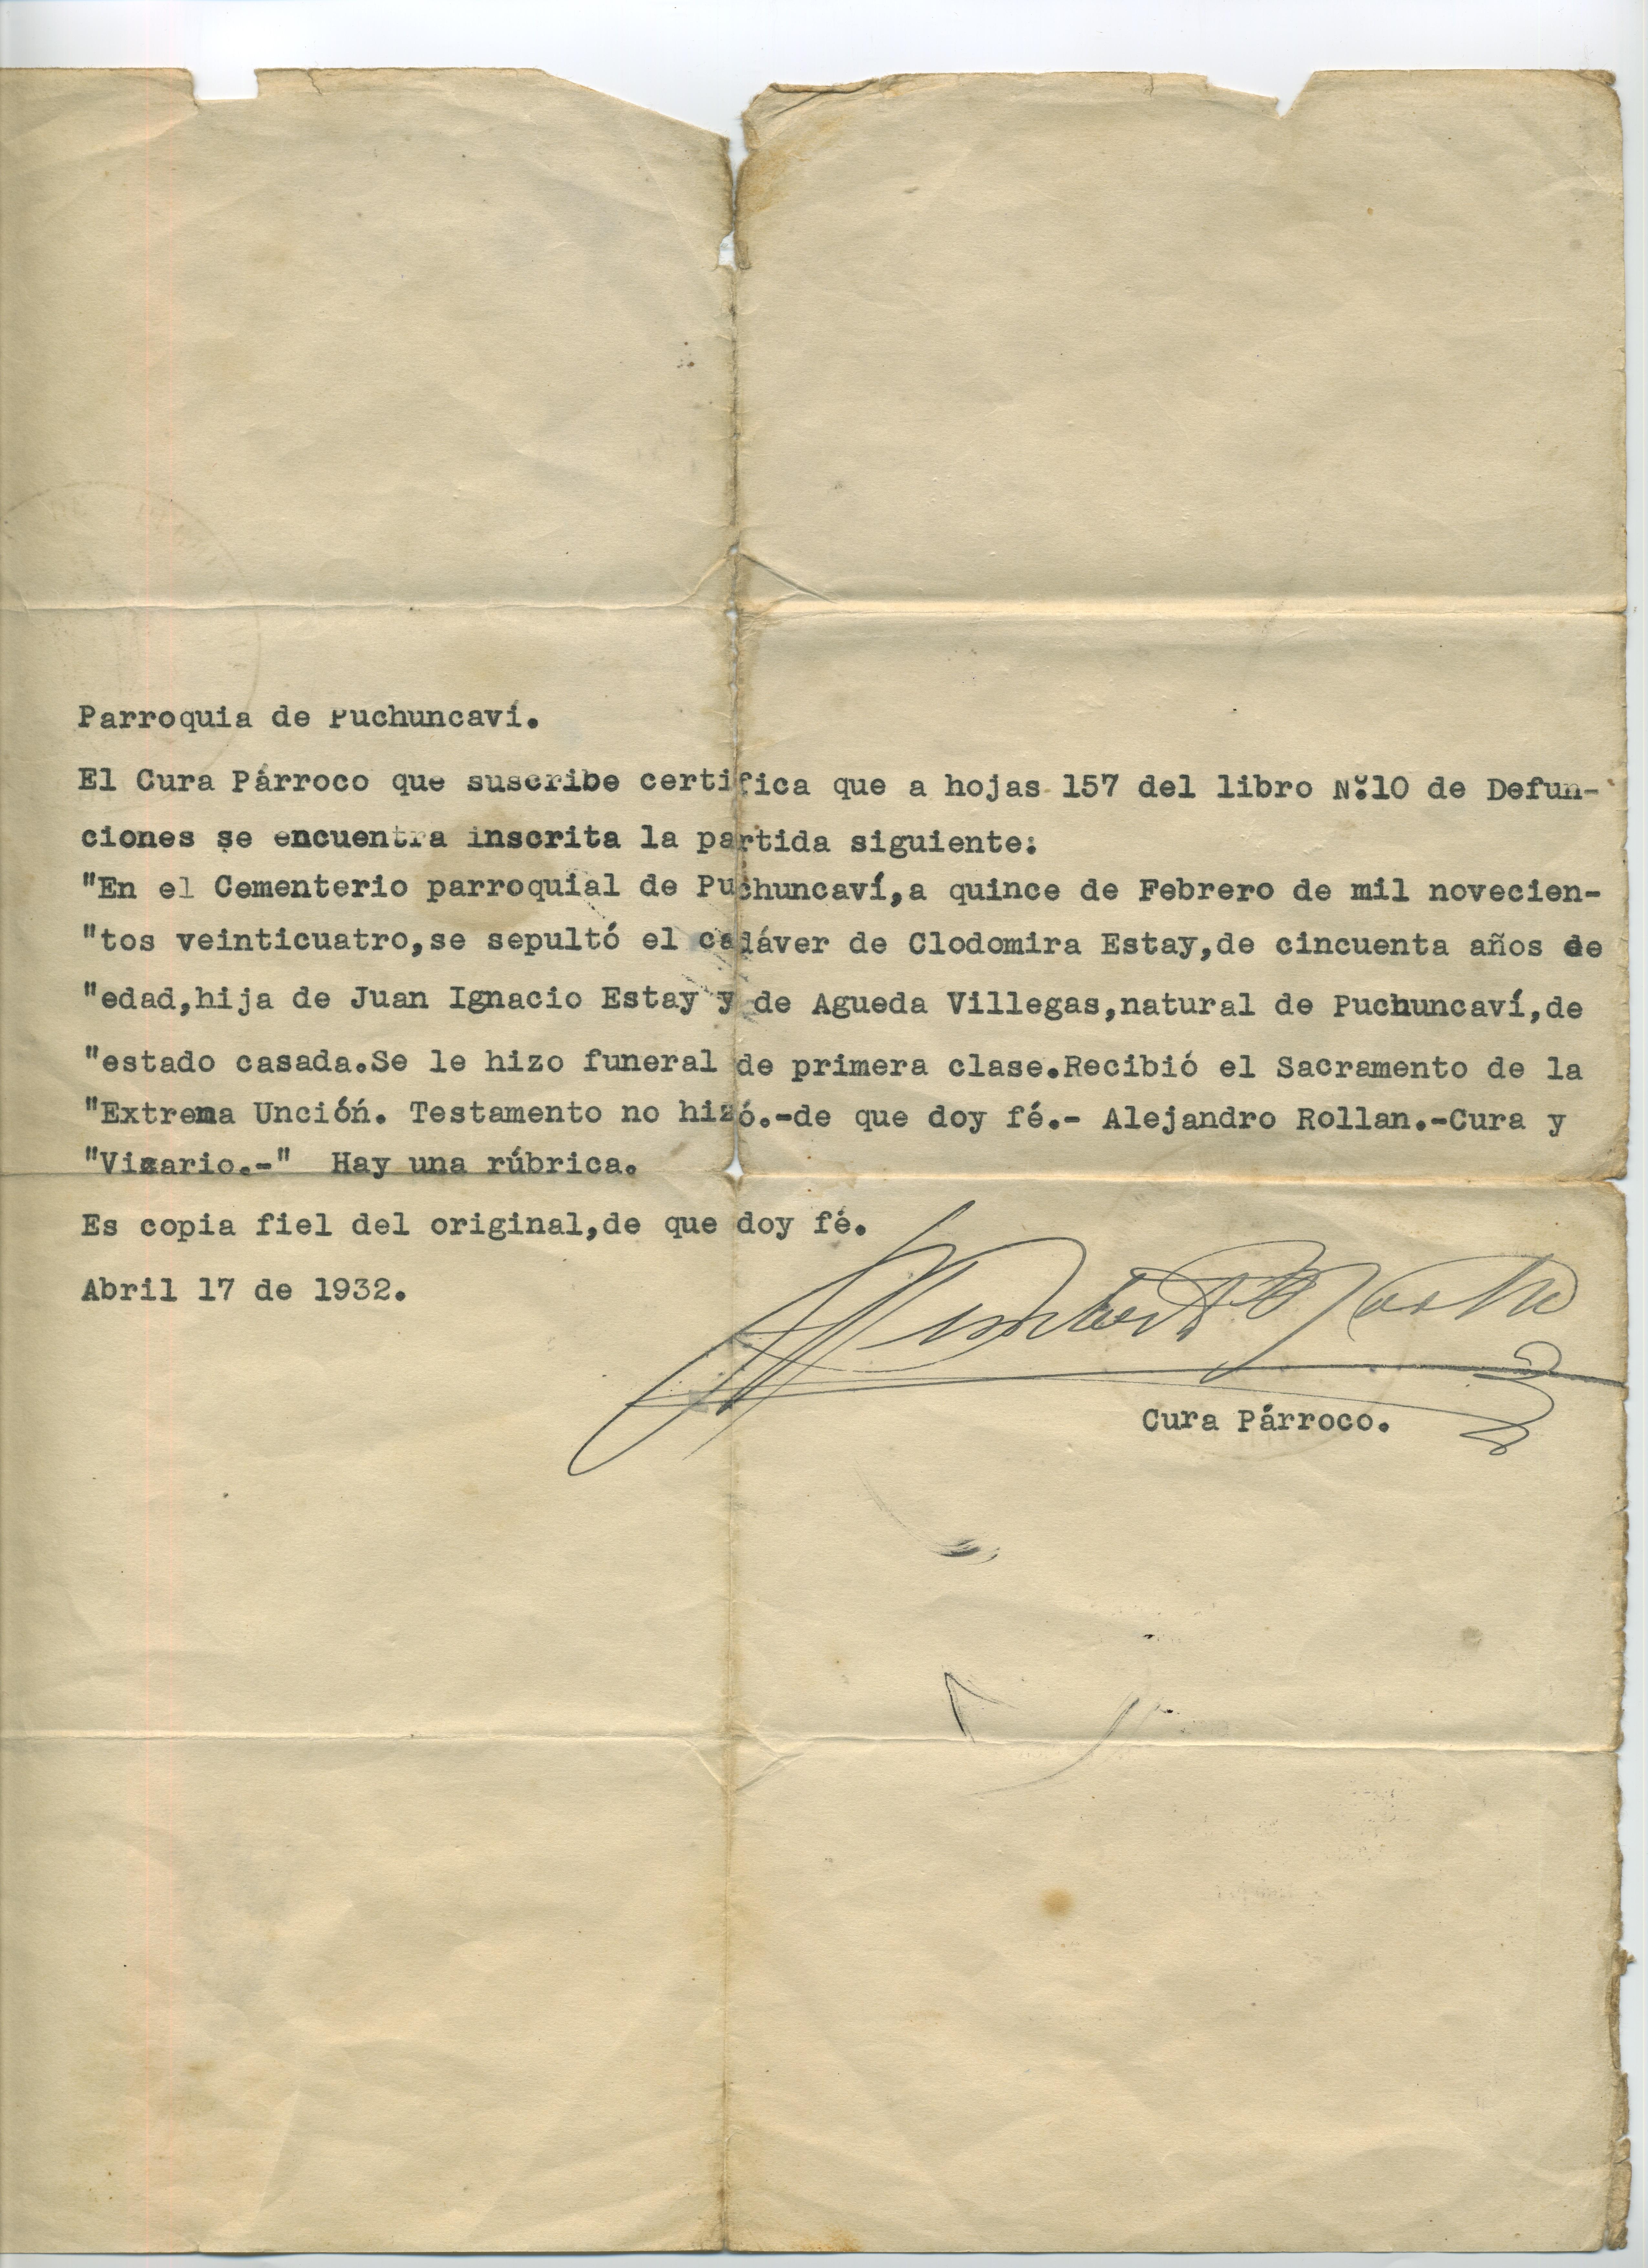 Certificado - Memorias del Siglo XX - Chile - DIBAM